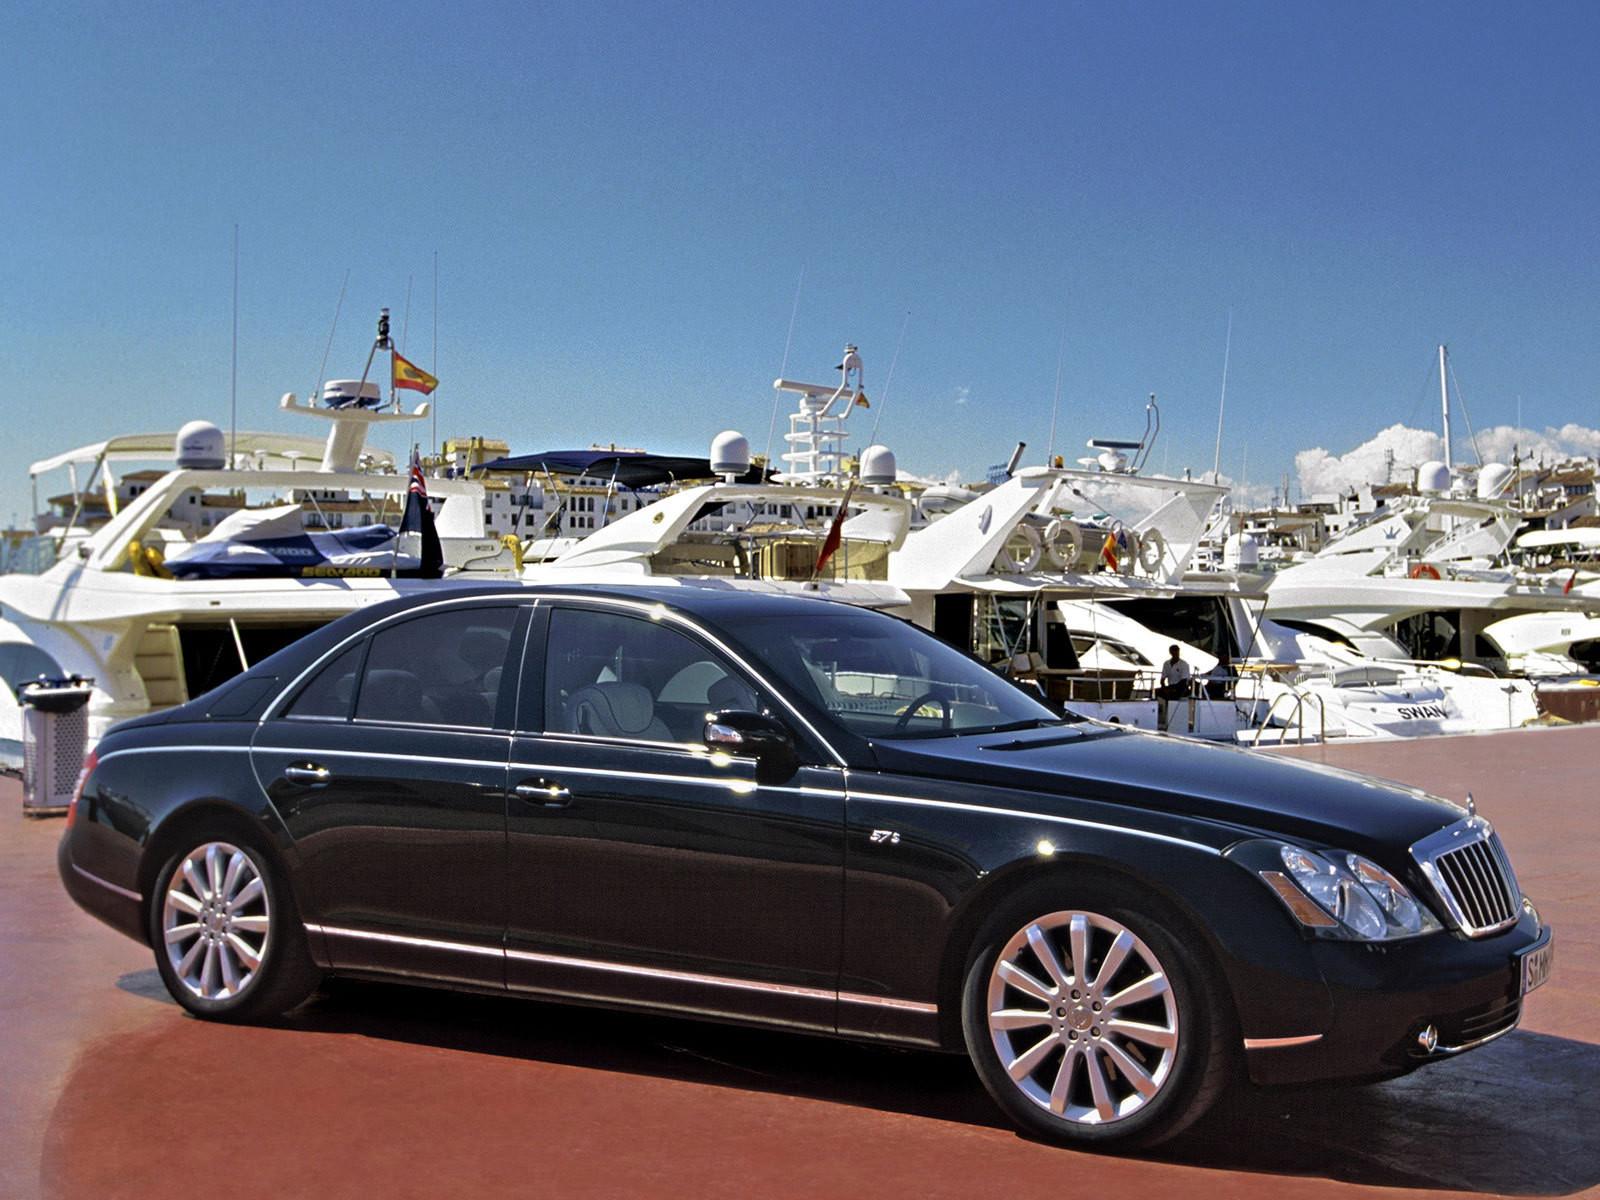 Критерии определения люксовых авто могут быть пересмотрены— министр финансов